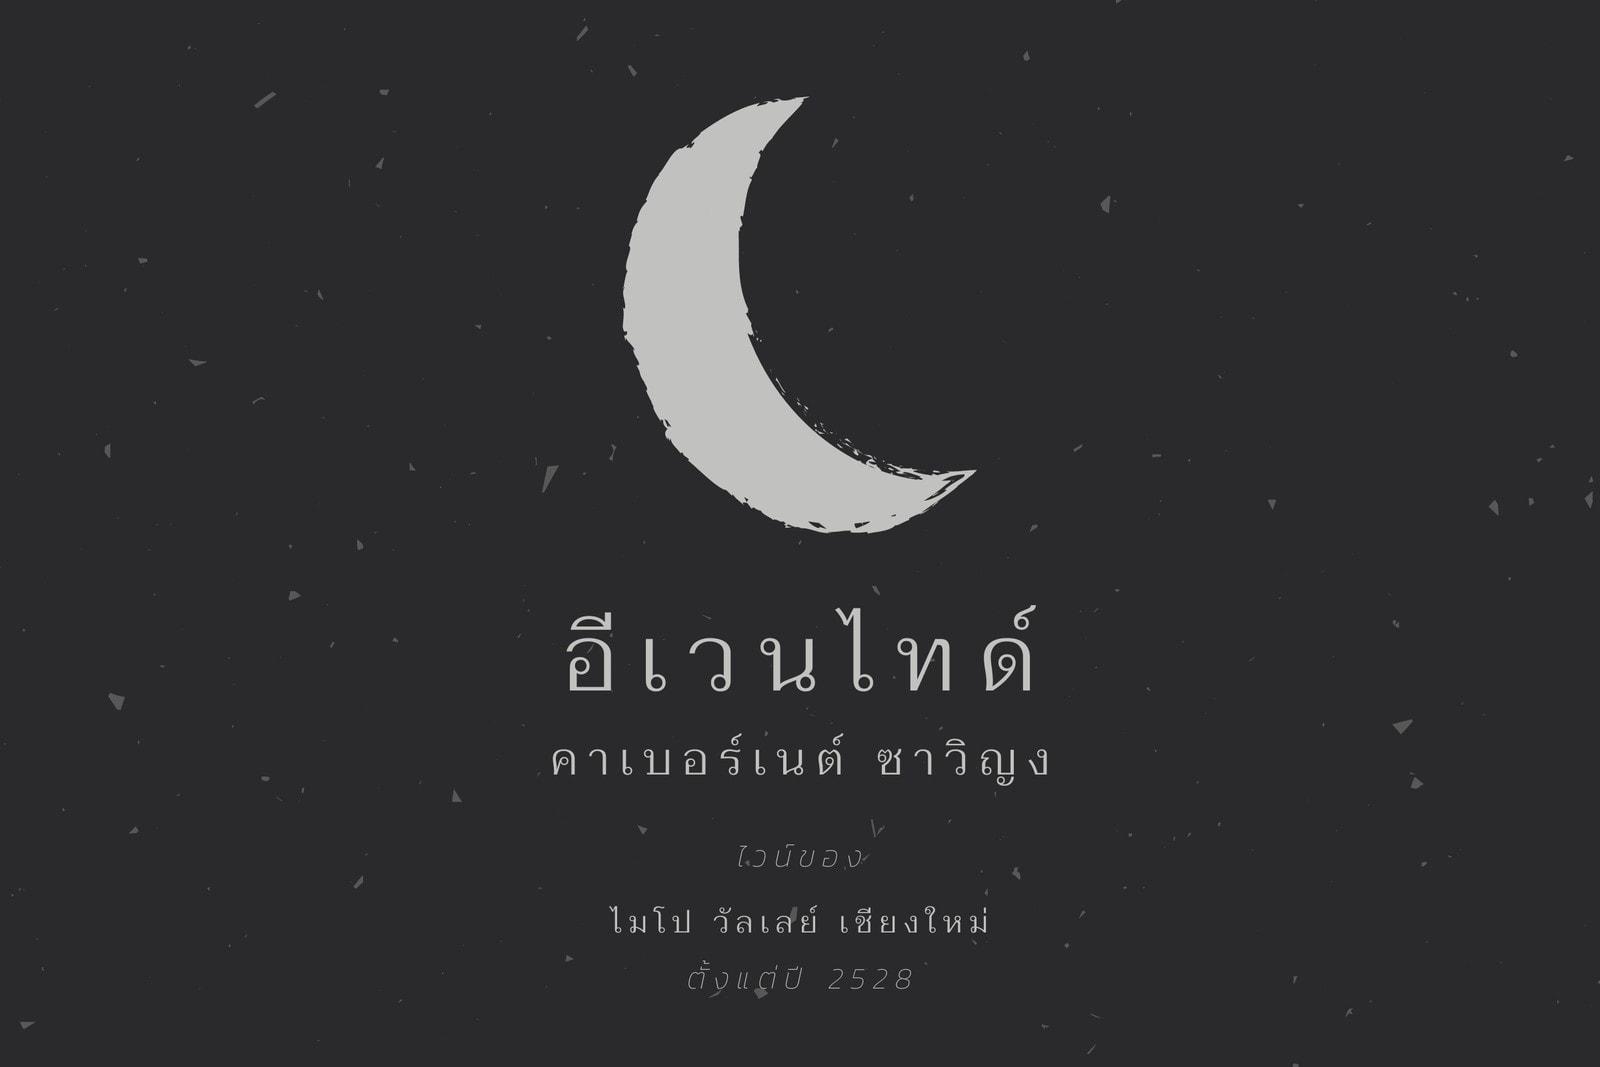 ฉลากไวน์ ภาพประกอบดวงจันทร์ สีดำและสีเทา